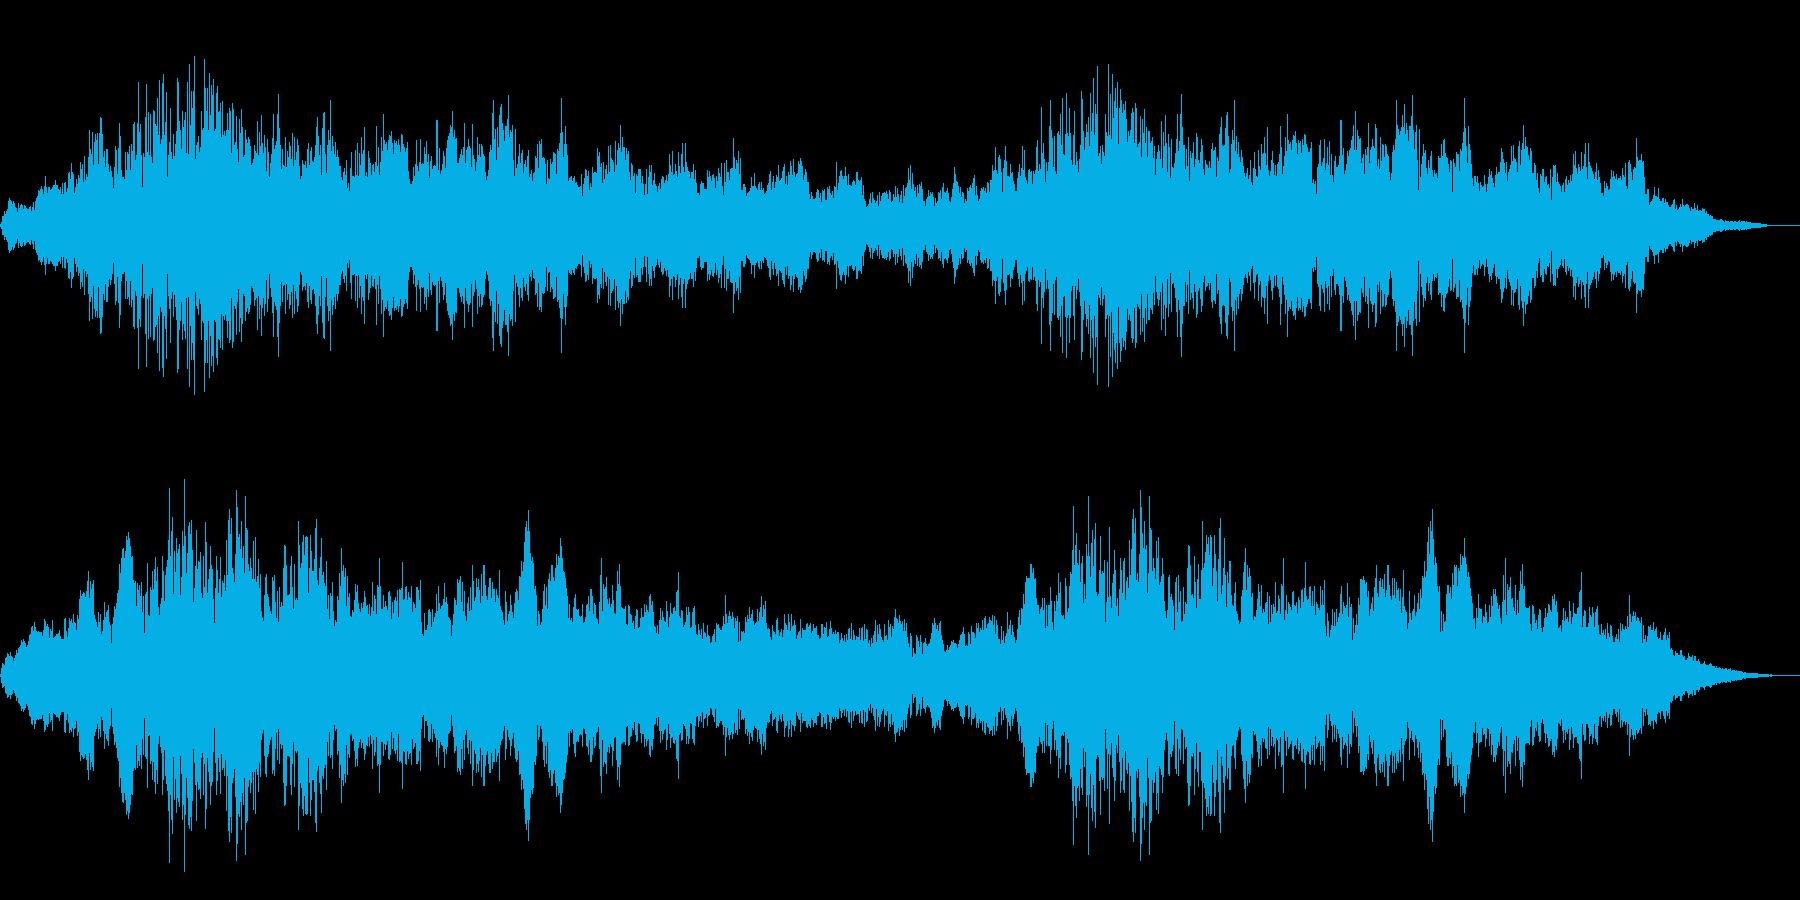 ホラー映画に出てきそうなノイズ系音源11の再生済みの波形